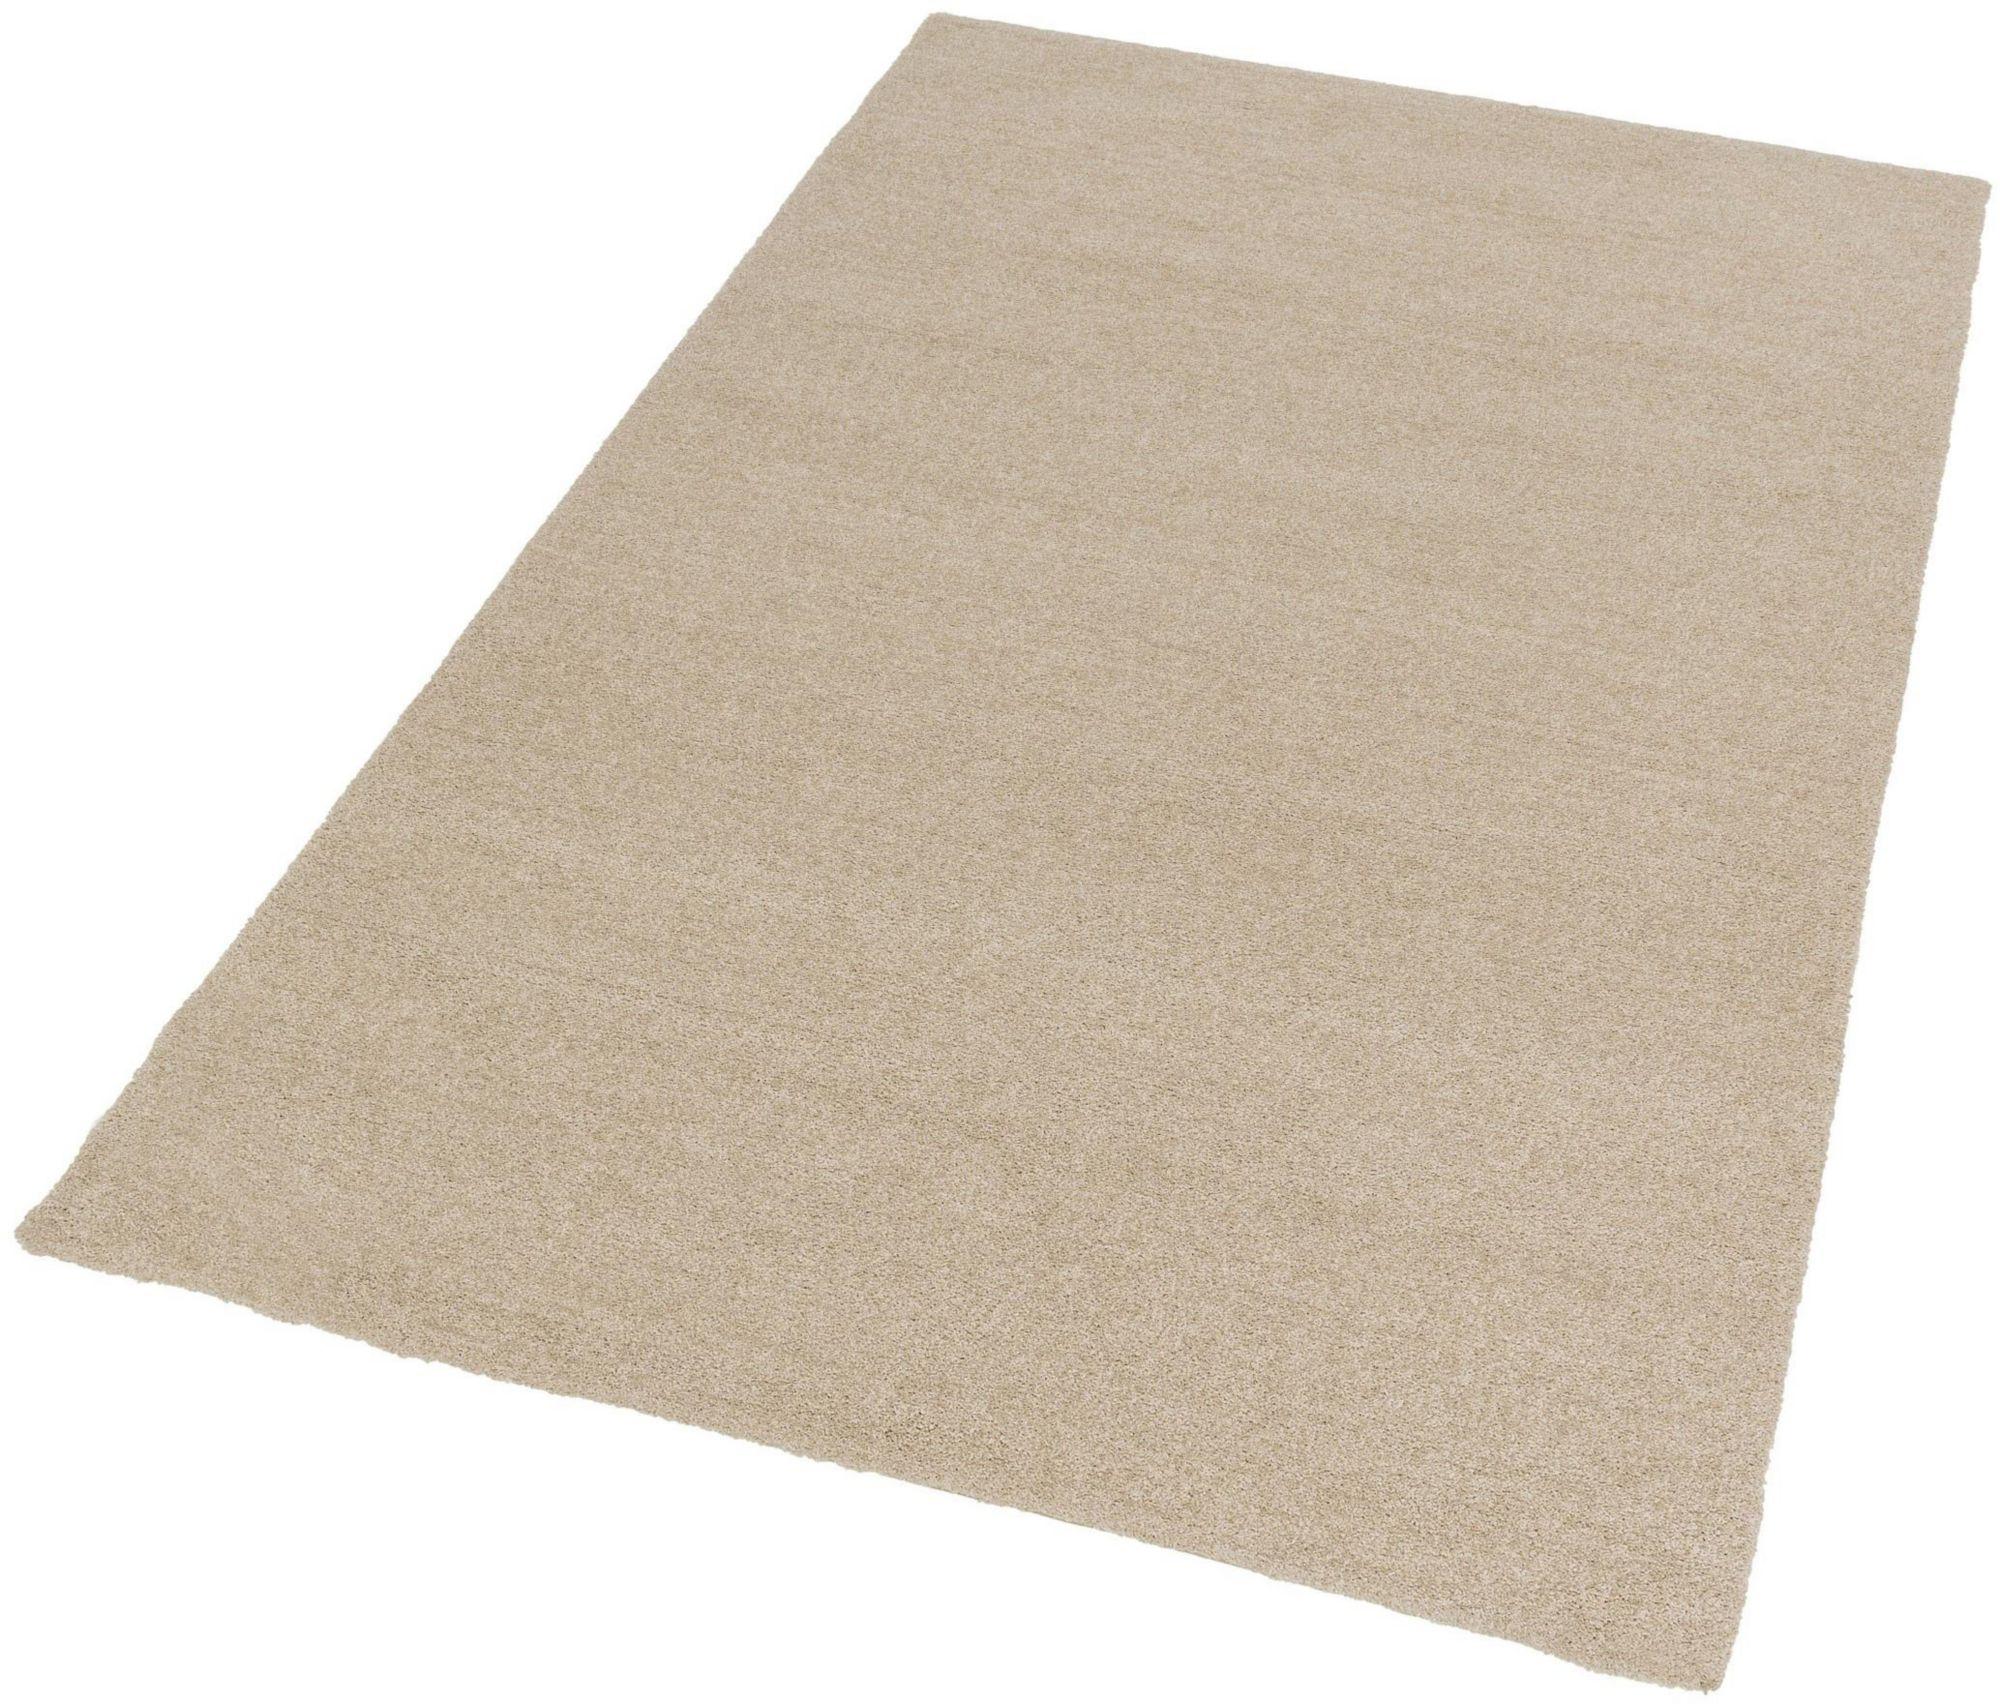 ASTRA Hochflor-Teppich, Astra, »Livorno Melange«, Höhe 27 mm, getuftet